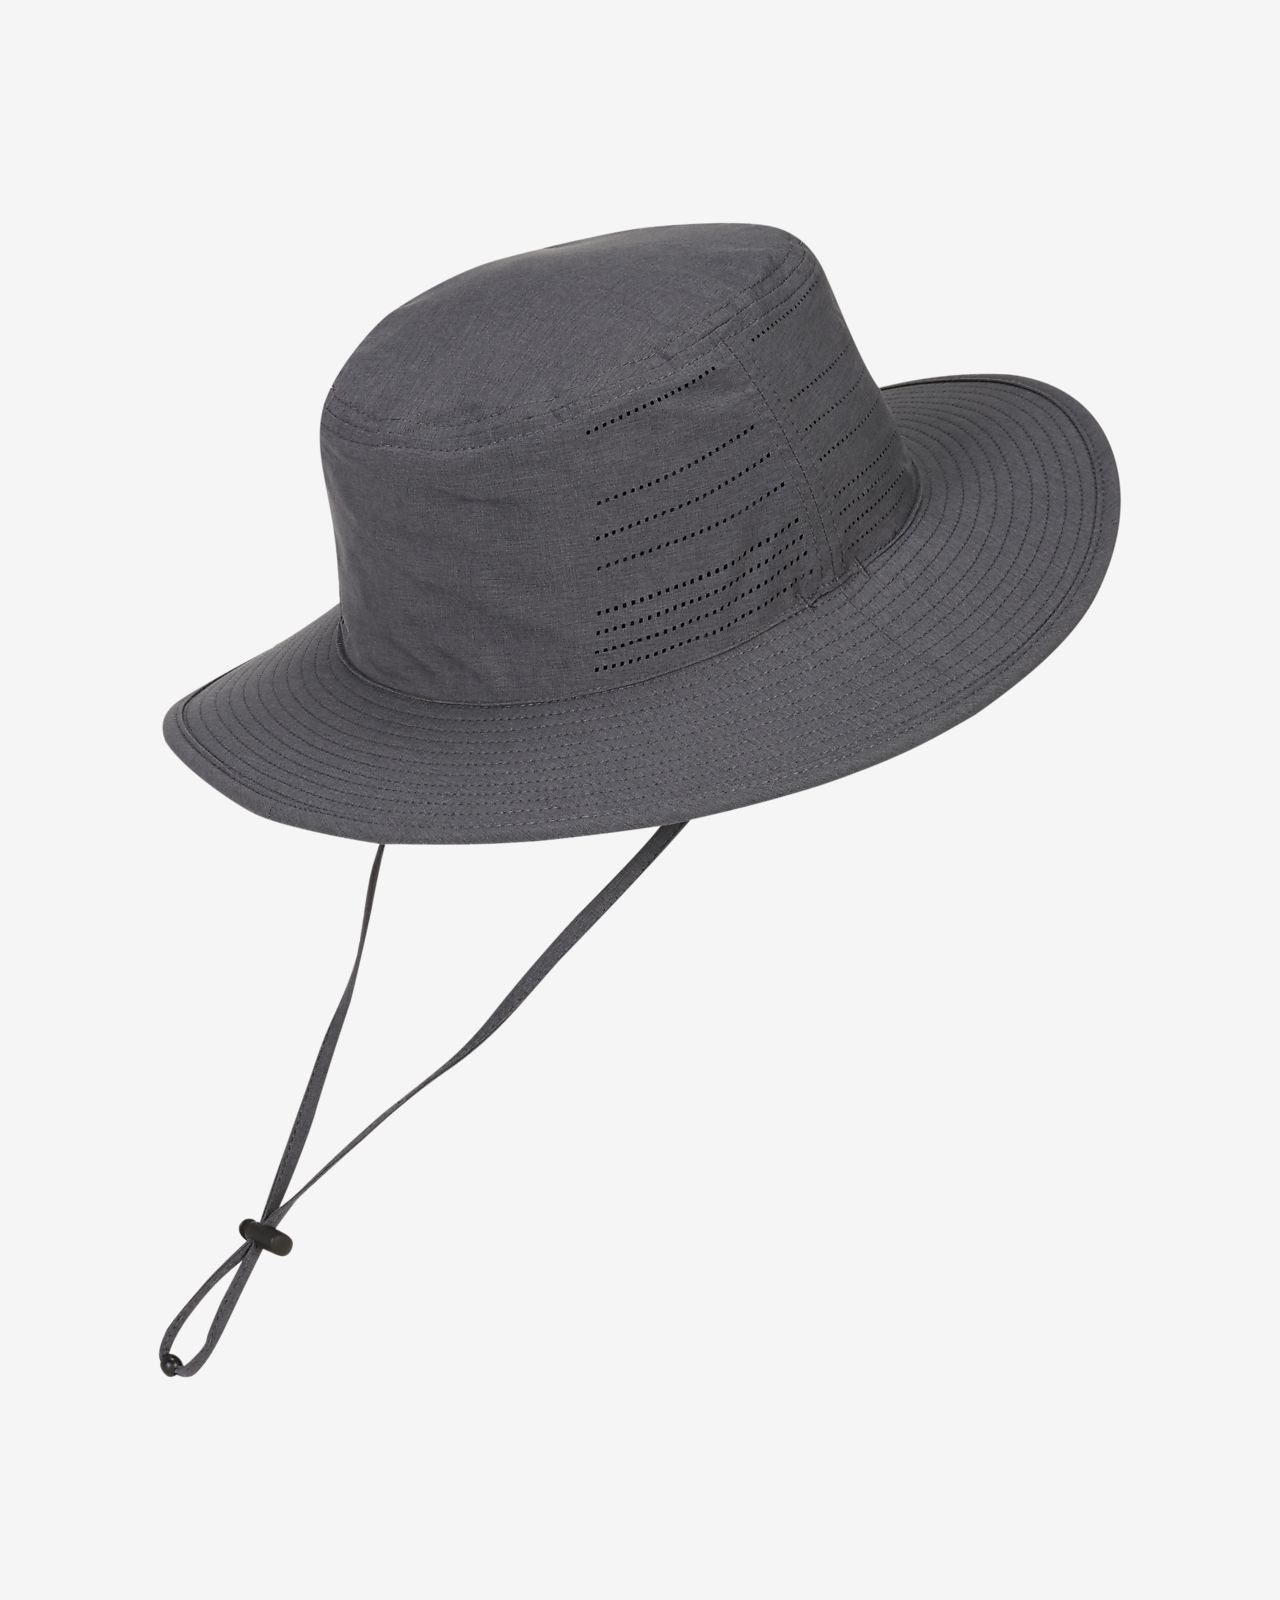 NIKE Dry Infant//Toddler Girls Bucket Hat